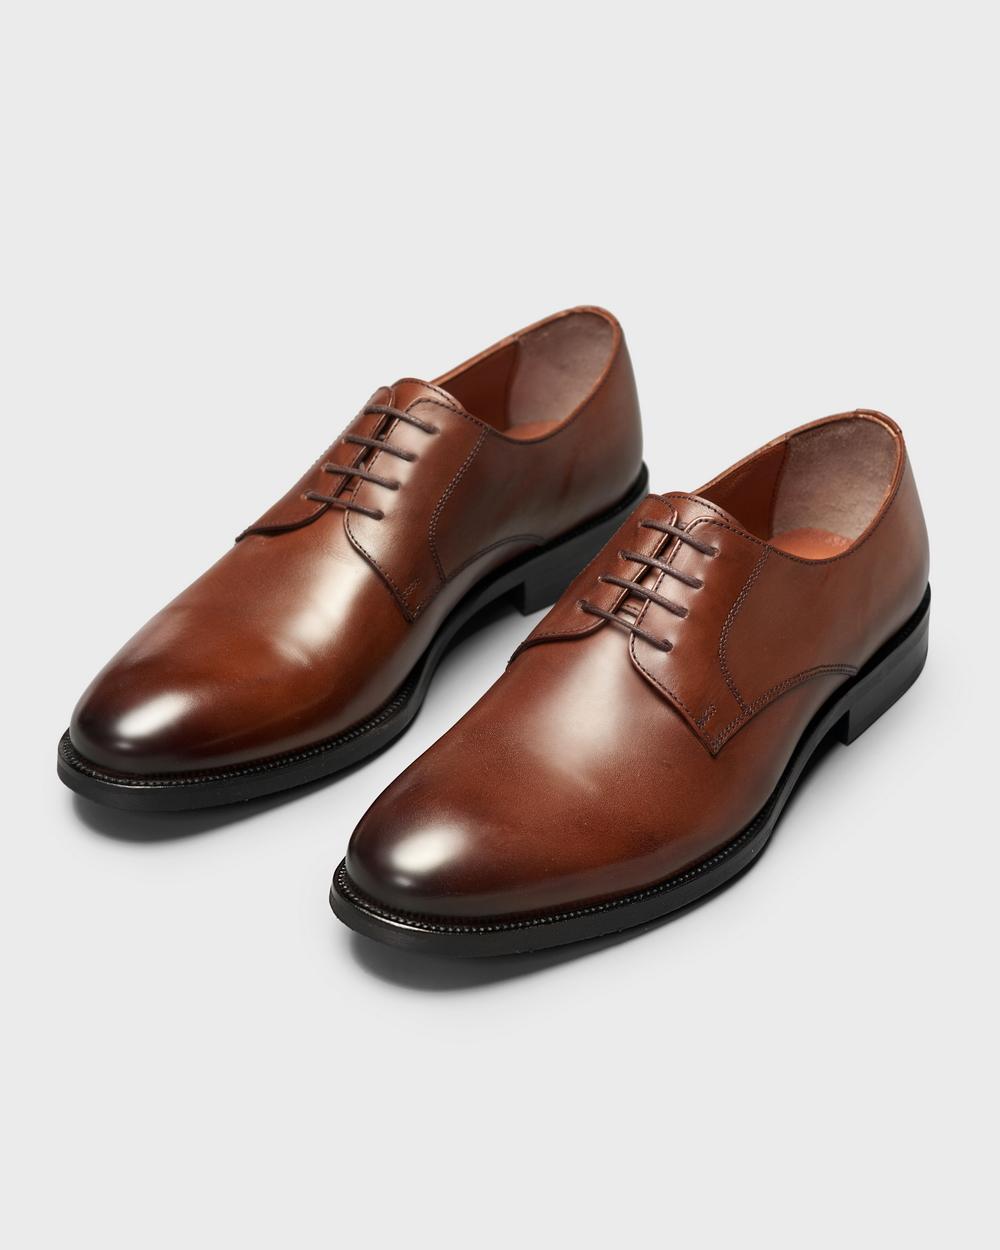 Туфли мужские дерби классические коричневые на каучуковой подошве